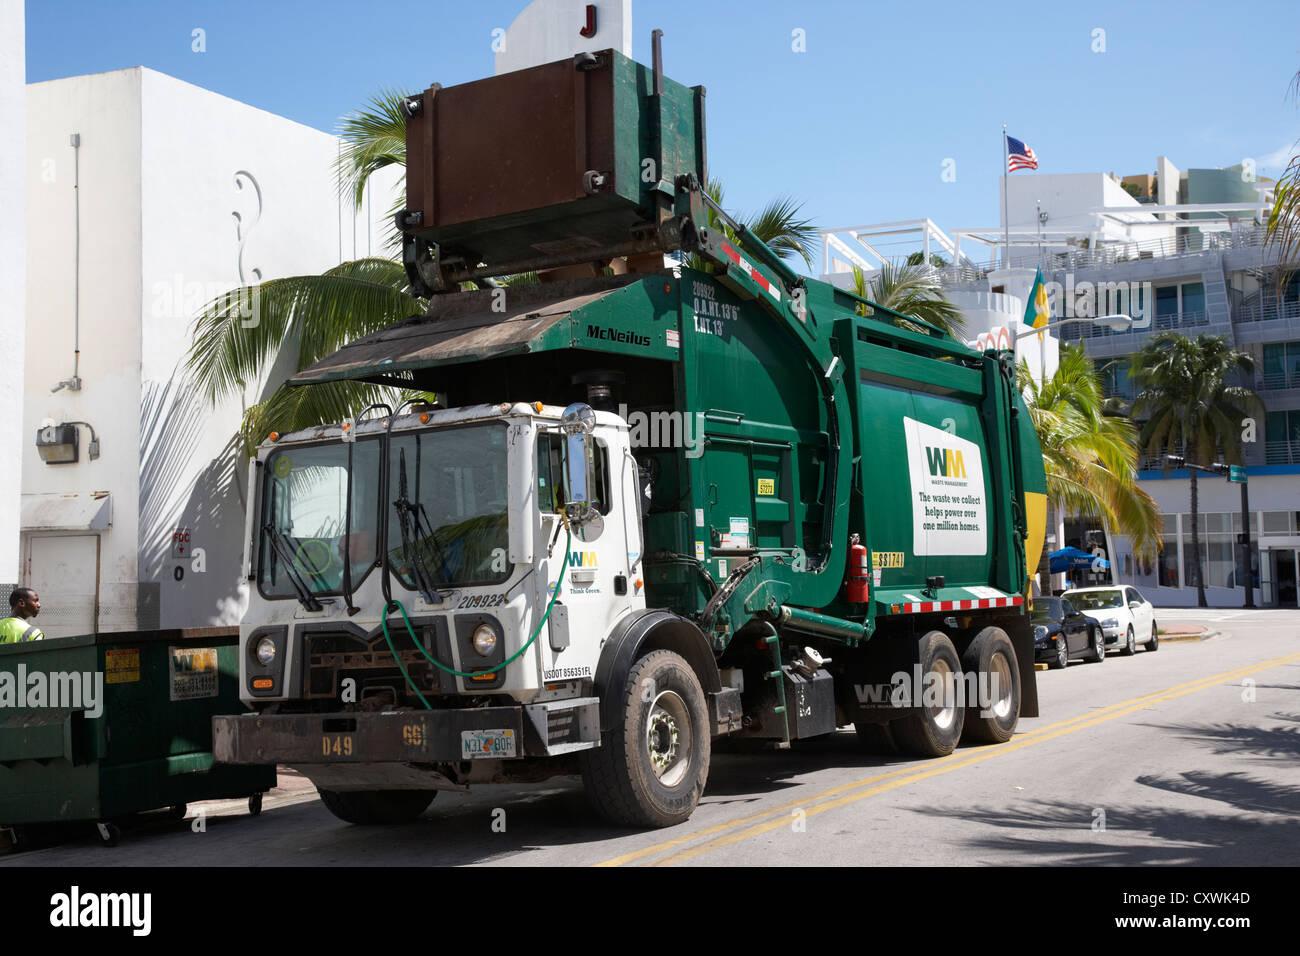 Camion della spazzatura raccolta di bidoni della spazzatura in South Beach di Miami Florida usa Immagini Stock